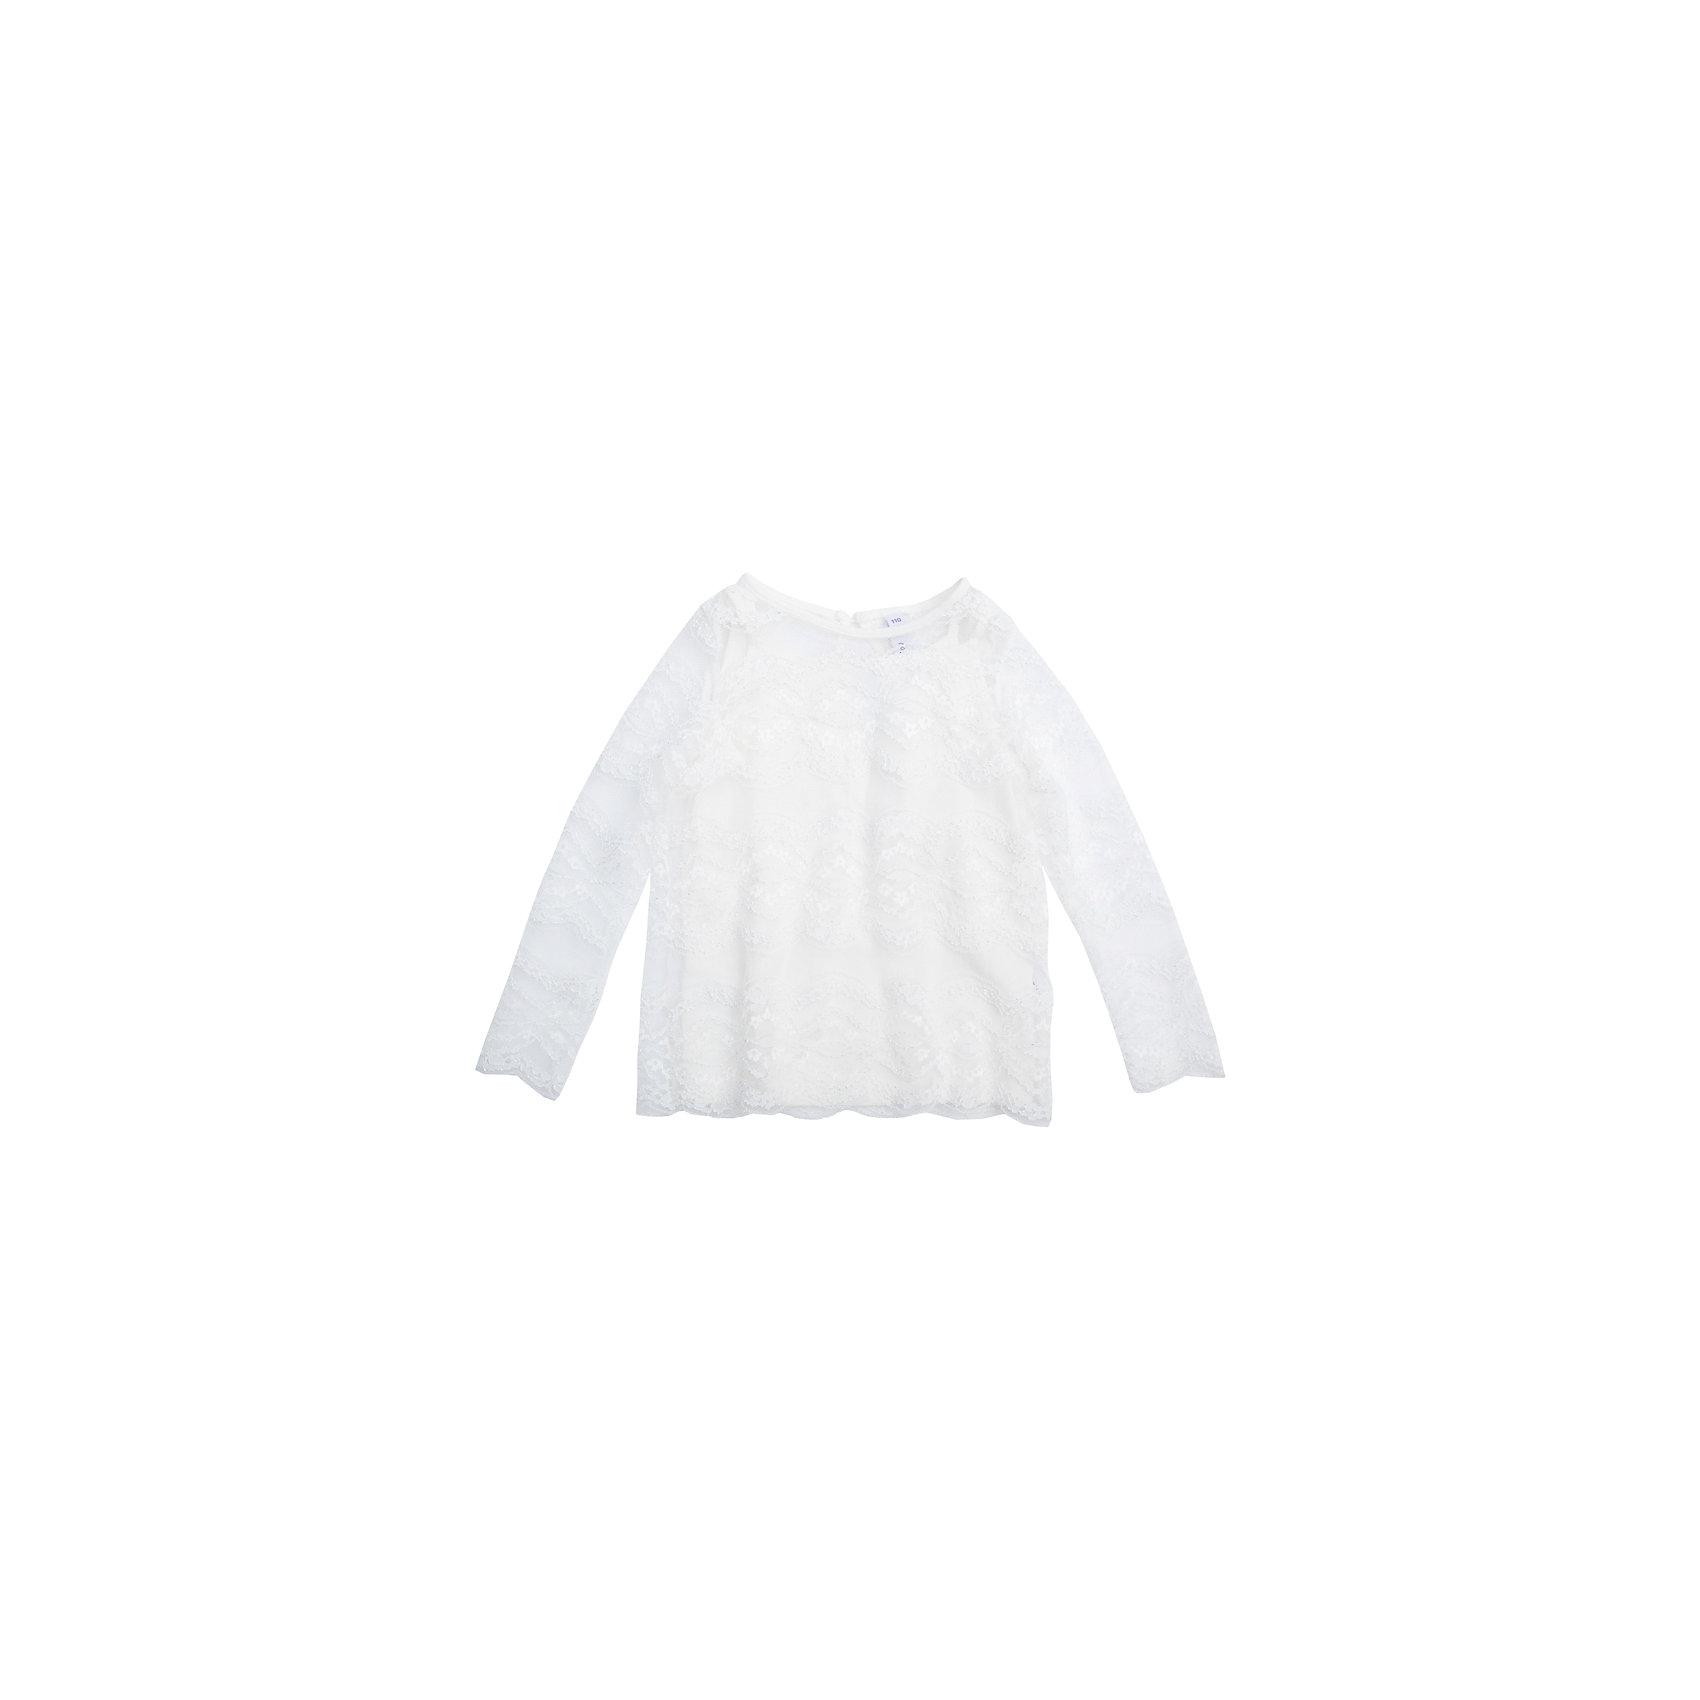 Блузка для девочки PlayTodayОдежда<br>Блузка для девочки от известного бренда PlayToday.<br>Трикотажная блузка.<br><br>Модель состоит из двух изделий: топа и футболки с длинными рукавами. Верхний слой выполнен из ажурного эластичного гипюра, нижний – из мягкого хлопка. Стильные рукава 3/4. Застегивается на пуговицу на спине.<br>Состав:<br>Верх: 100% полиамид, подкладка: 95% хлопок, 5% эластан<br><br>Ширина мм: 186<br>Глубина мм: 87<br>Высота мм: 198<br>Вес г: 197<br>Цвет: белый<br>Возраст от месяцев: 36<br>Возраст до месяцев: 48<br>Пол: Женский<br>Возраст: Детский<br>Размер: 104,110,116,122,128,98<br>SKU: 5113912